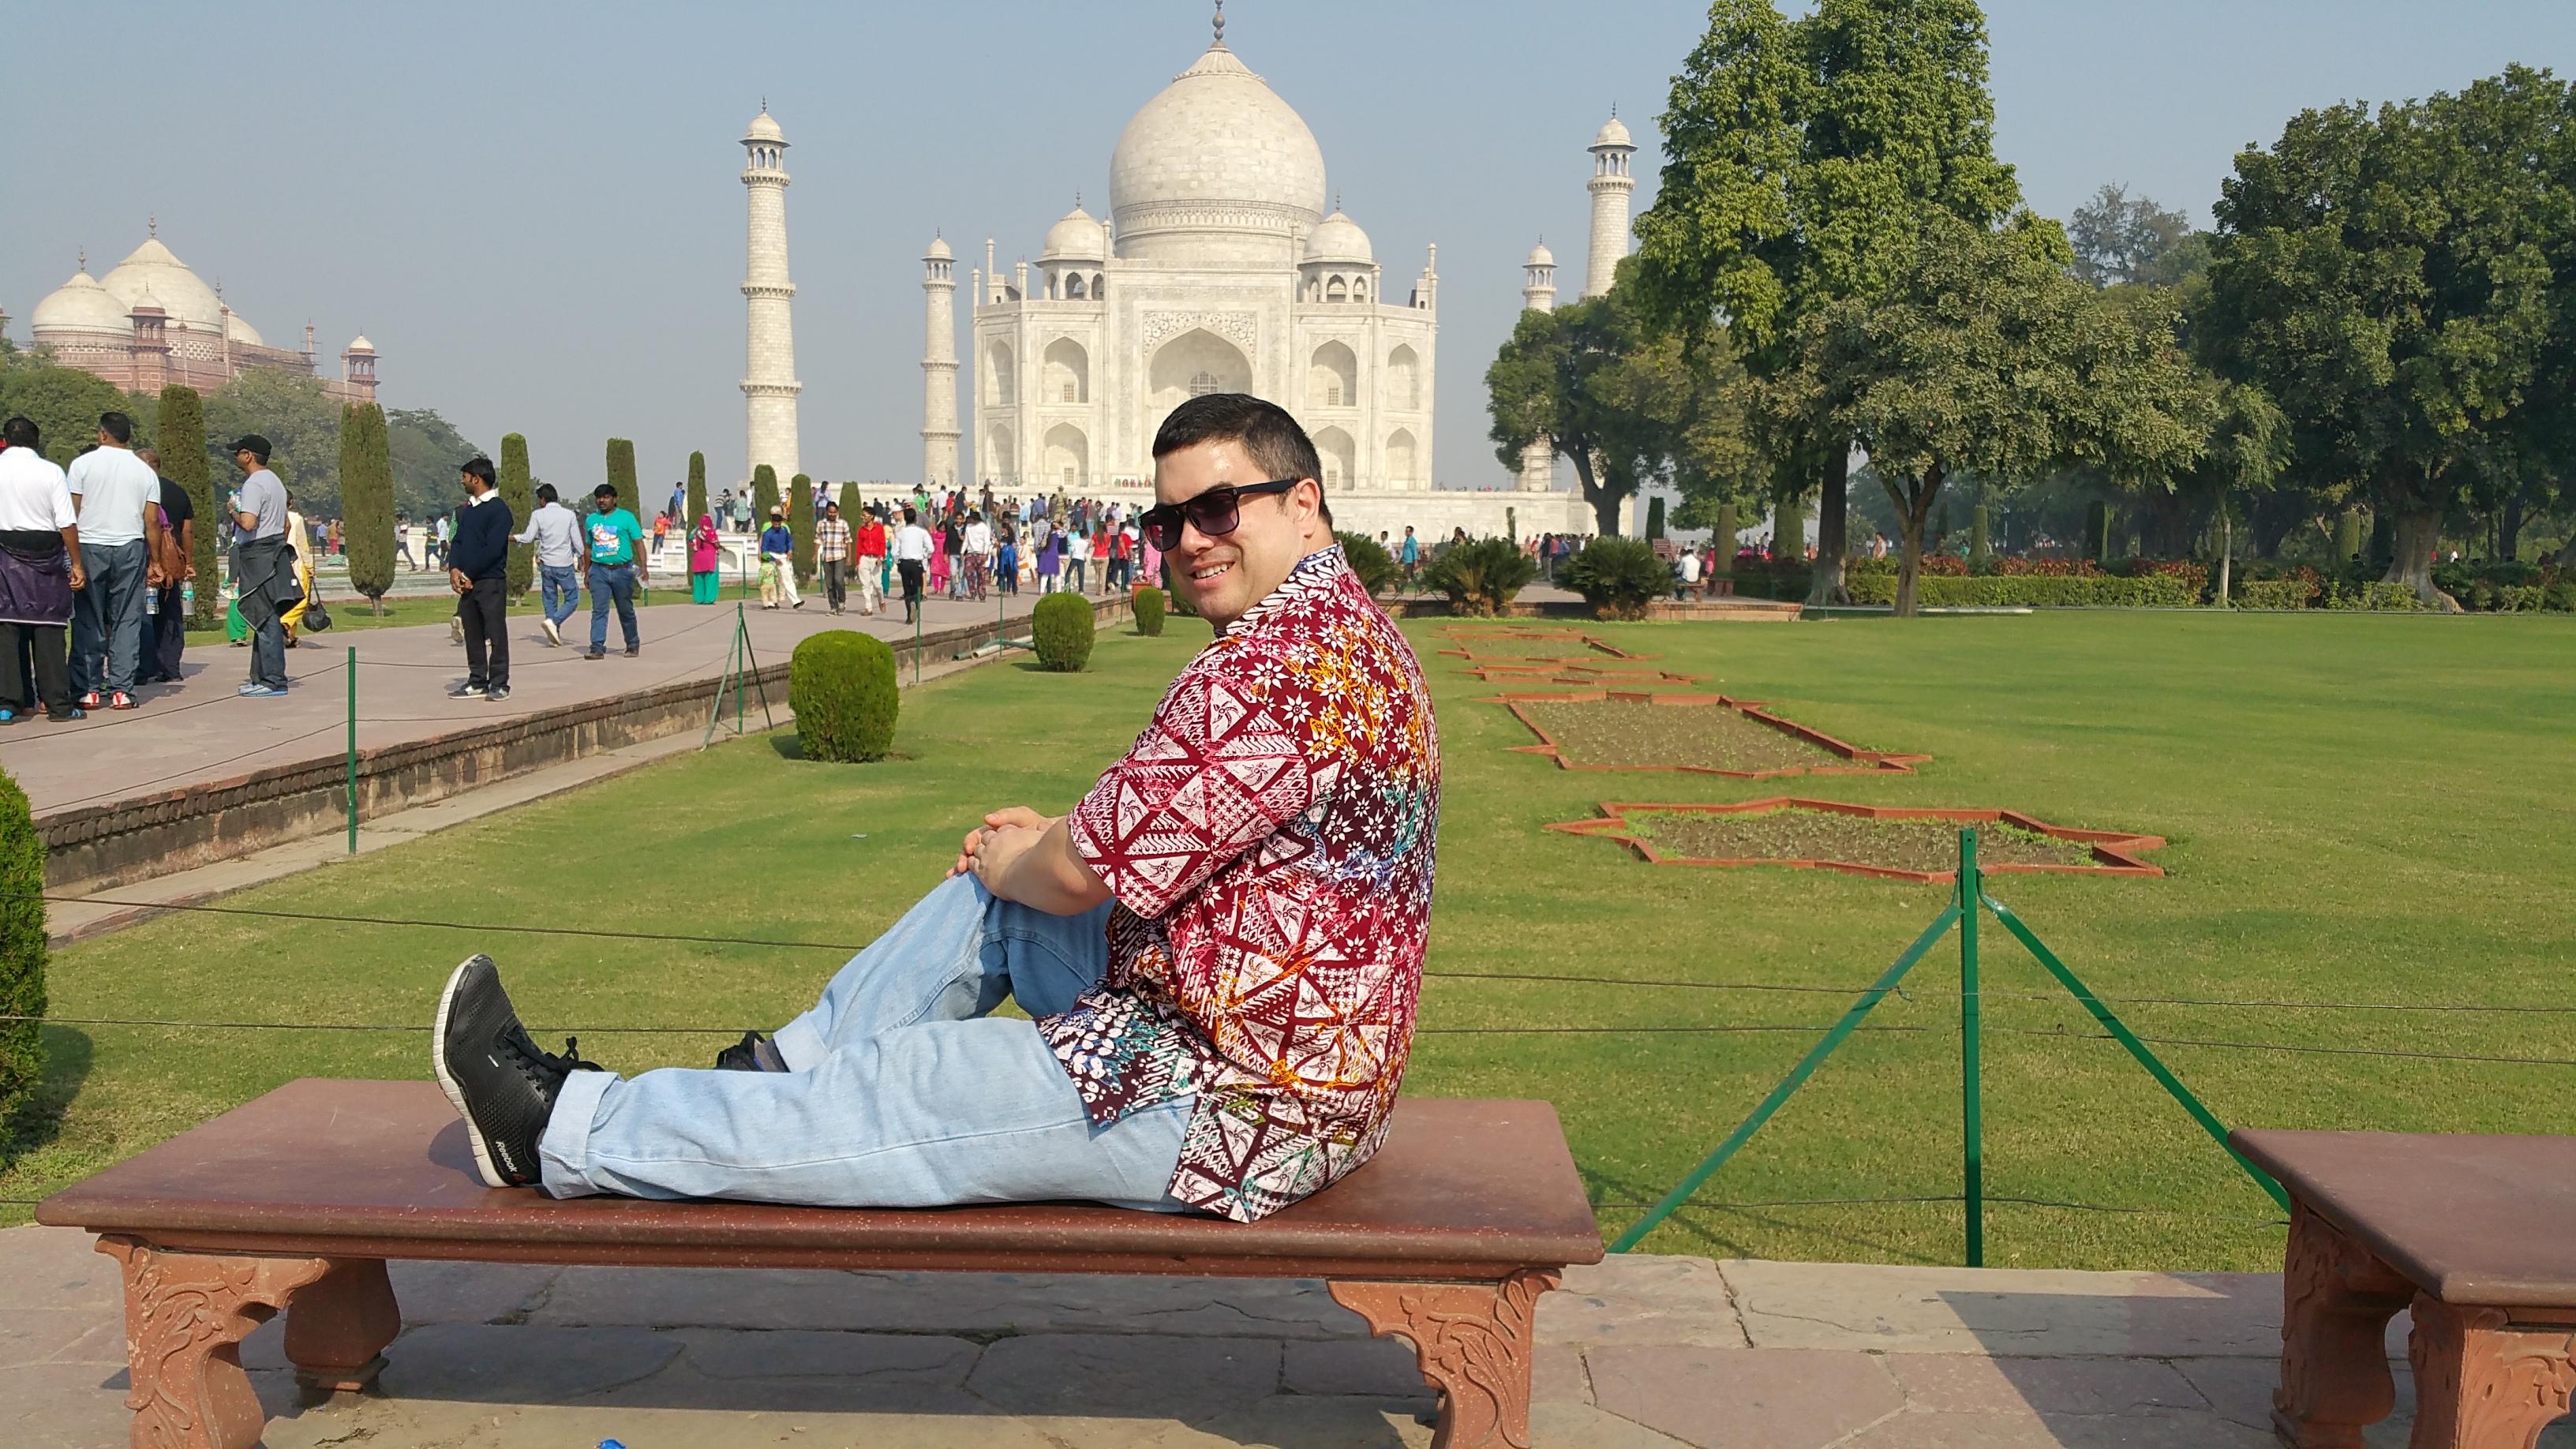 Kevin posing at the Taj Mahal, Agra, India.